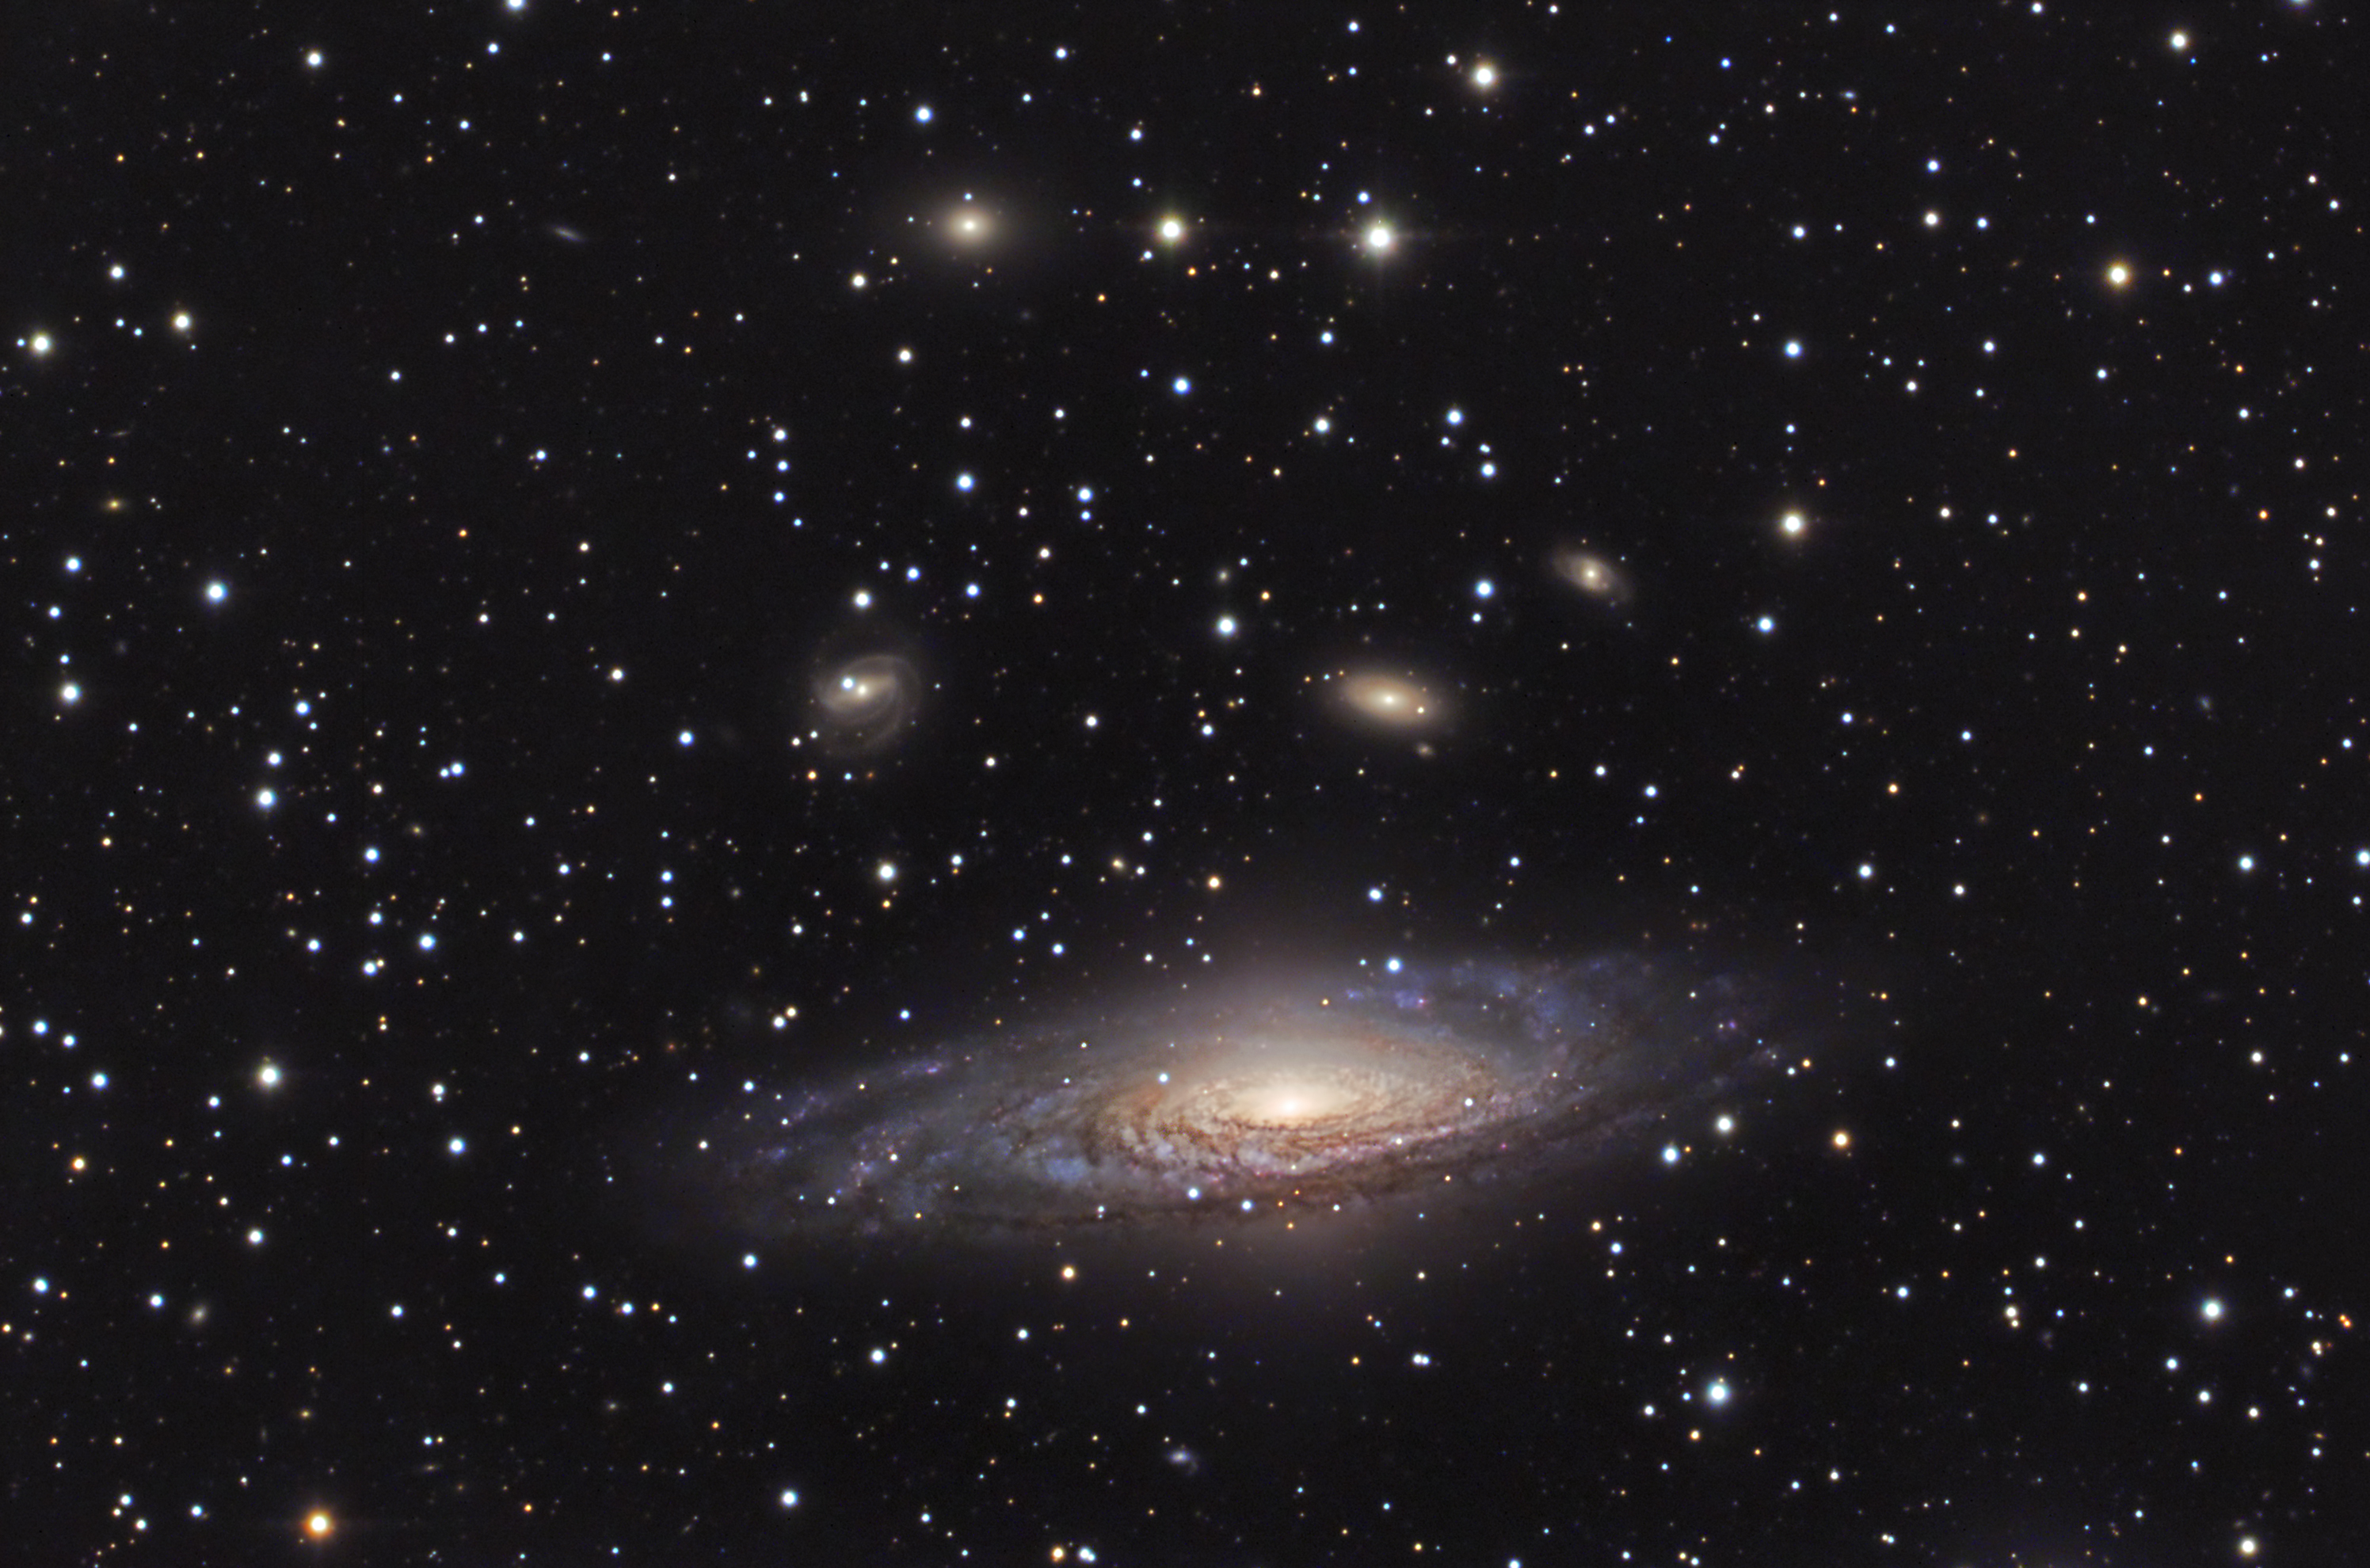 NGC 7331 - Credit: Ralf Muendlein & Wolfgang Kloehr